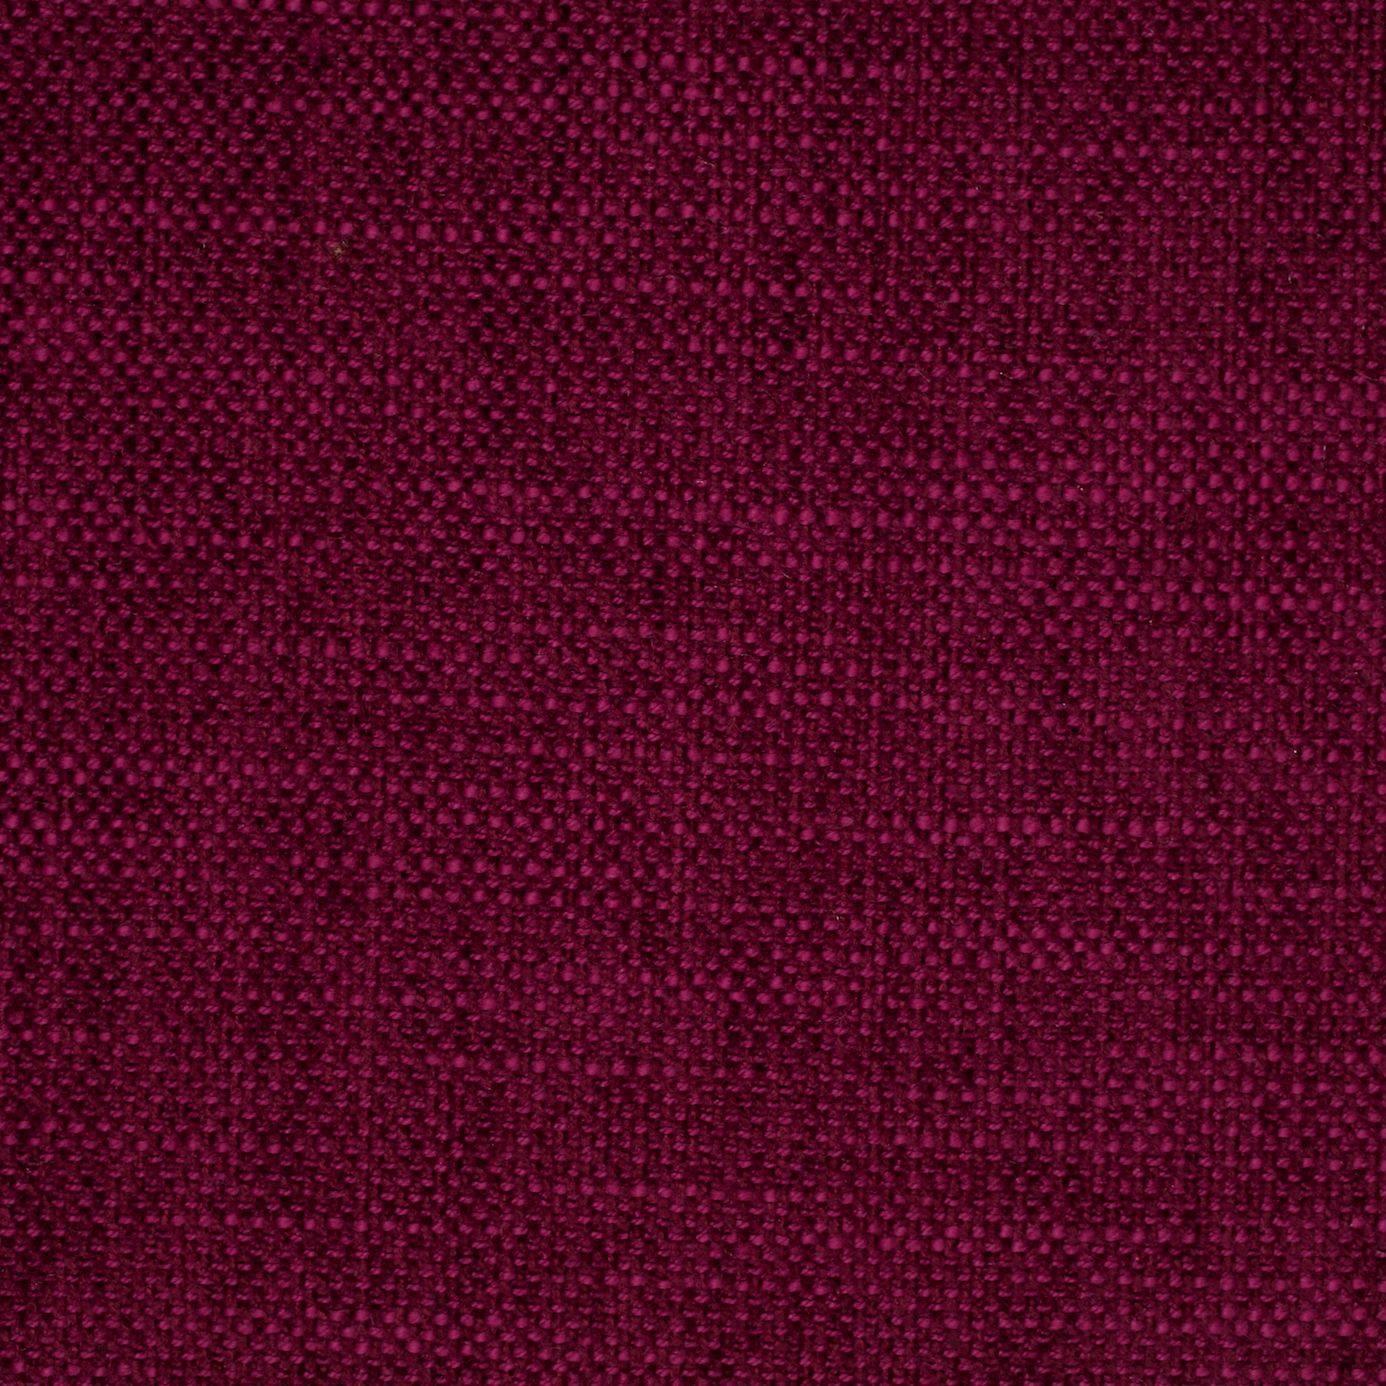 Allegra fabric bordeaux 9675 harlequin allegra for Fabric material